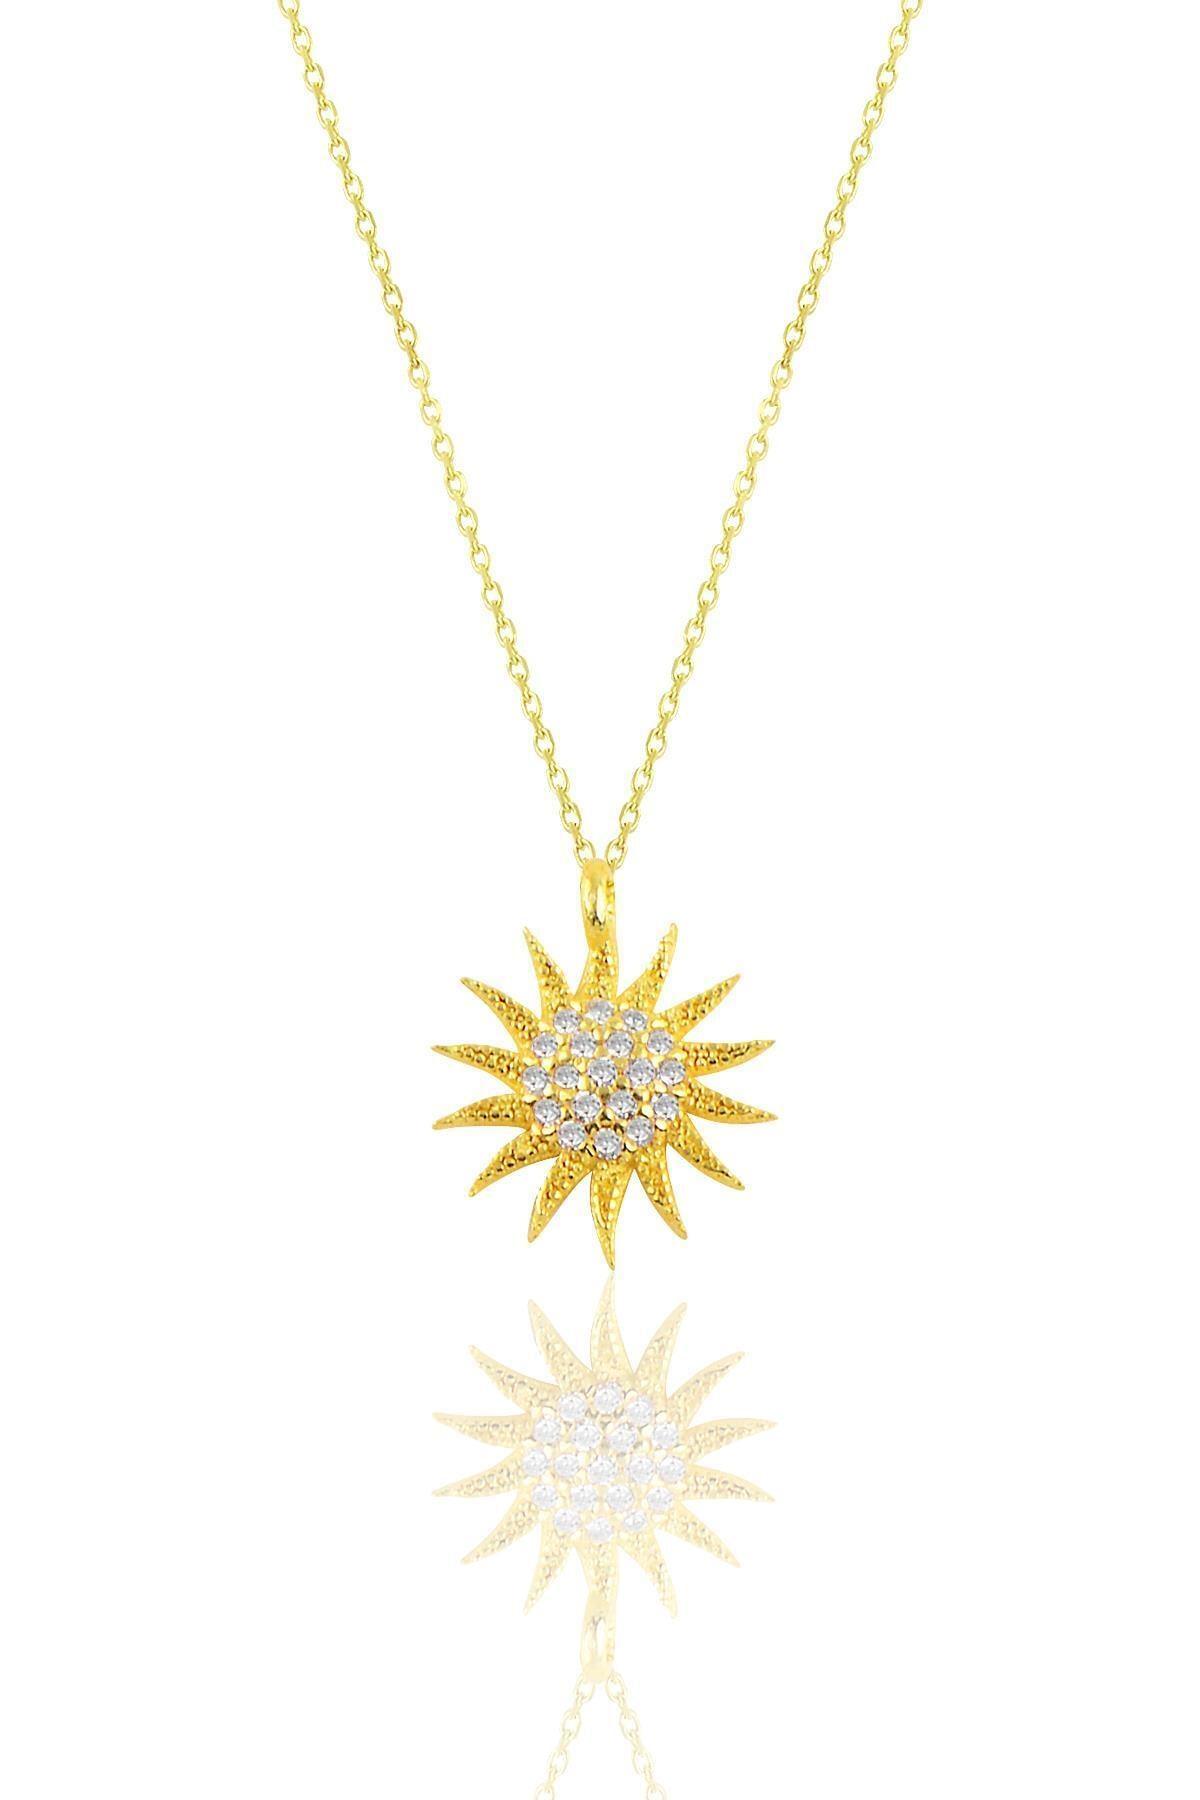 Söğütlü Silver Gümüş Altın Yaldızlı Gümüş Güneş Kolye 1